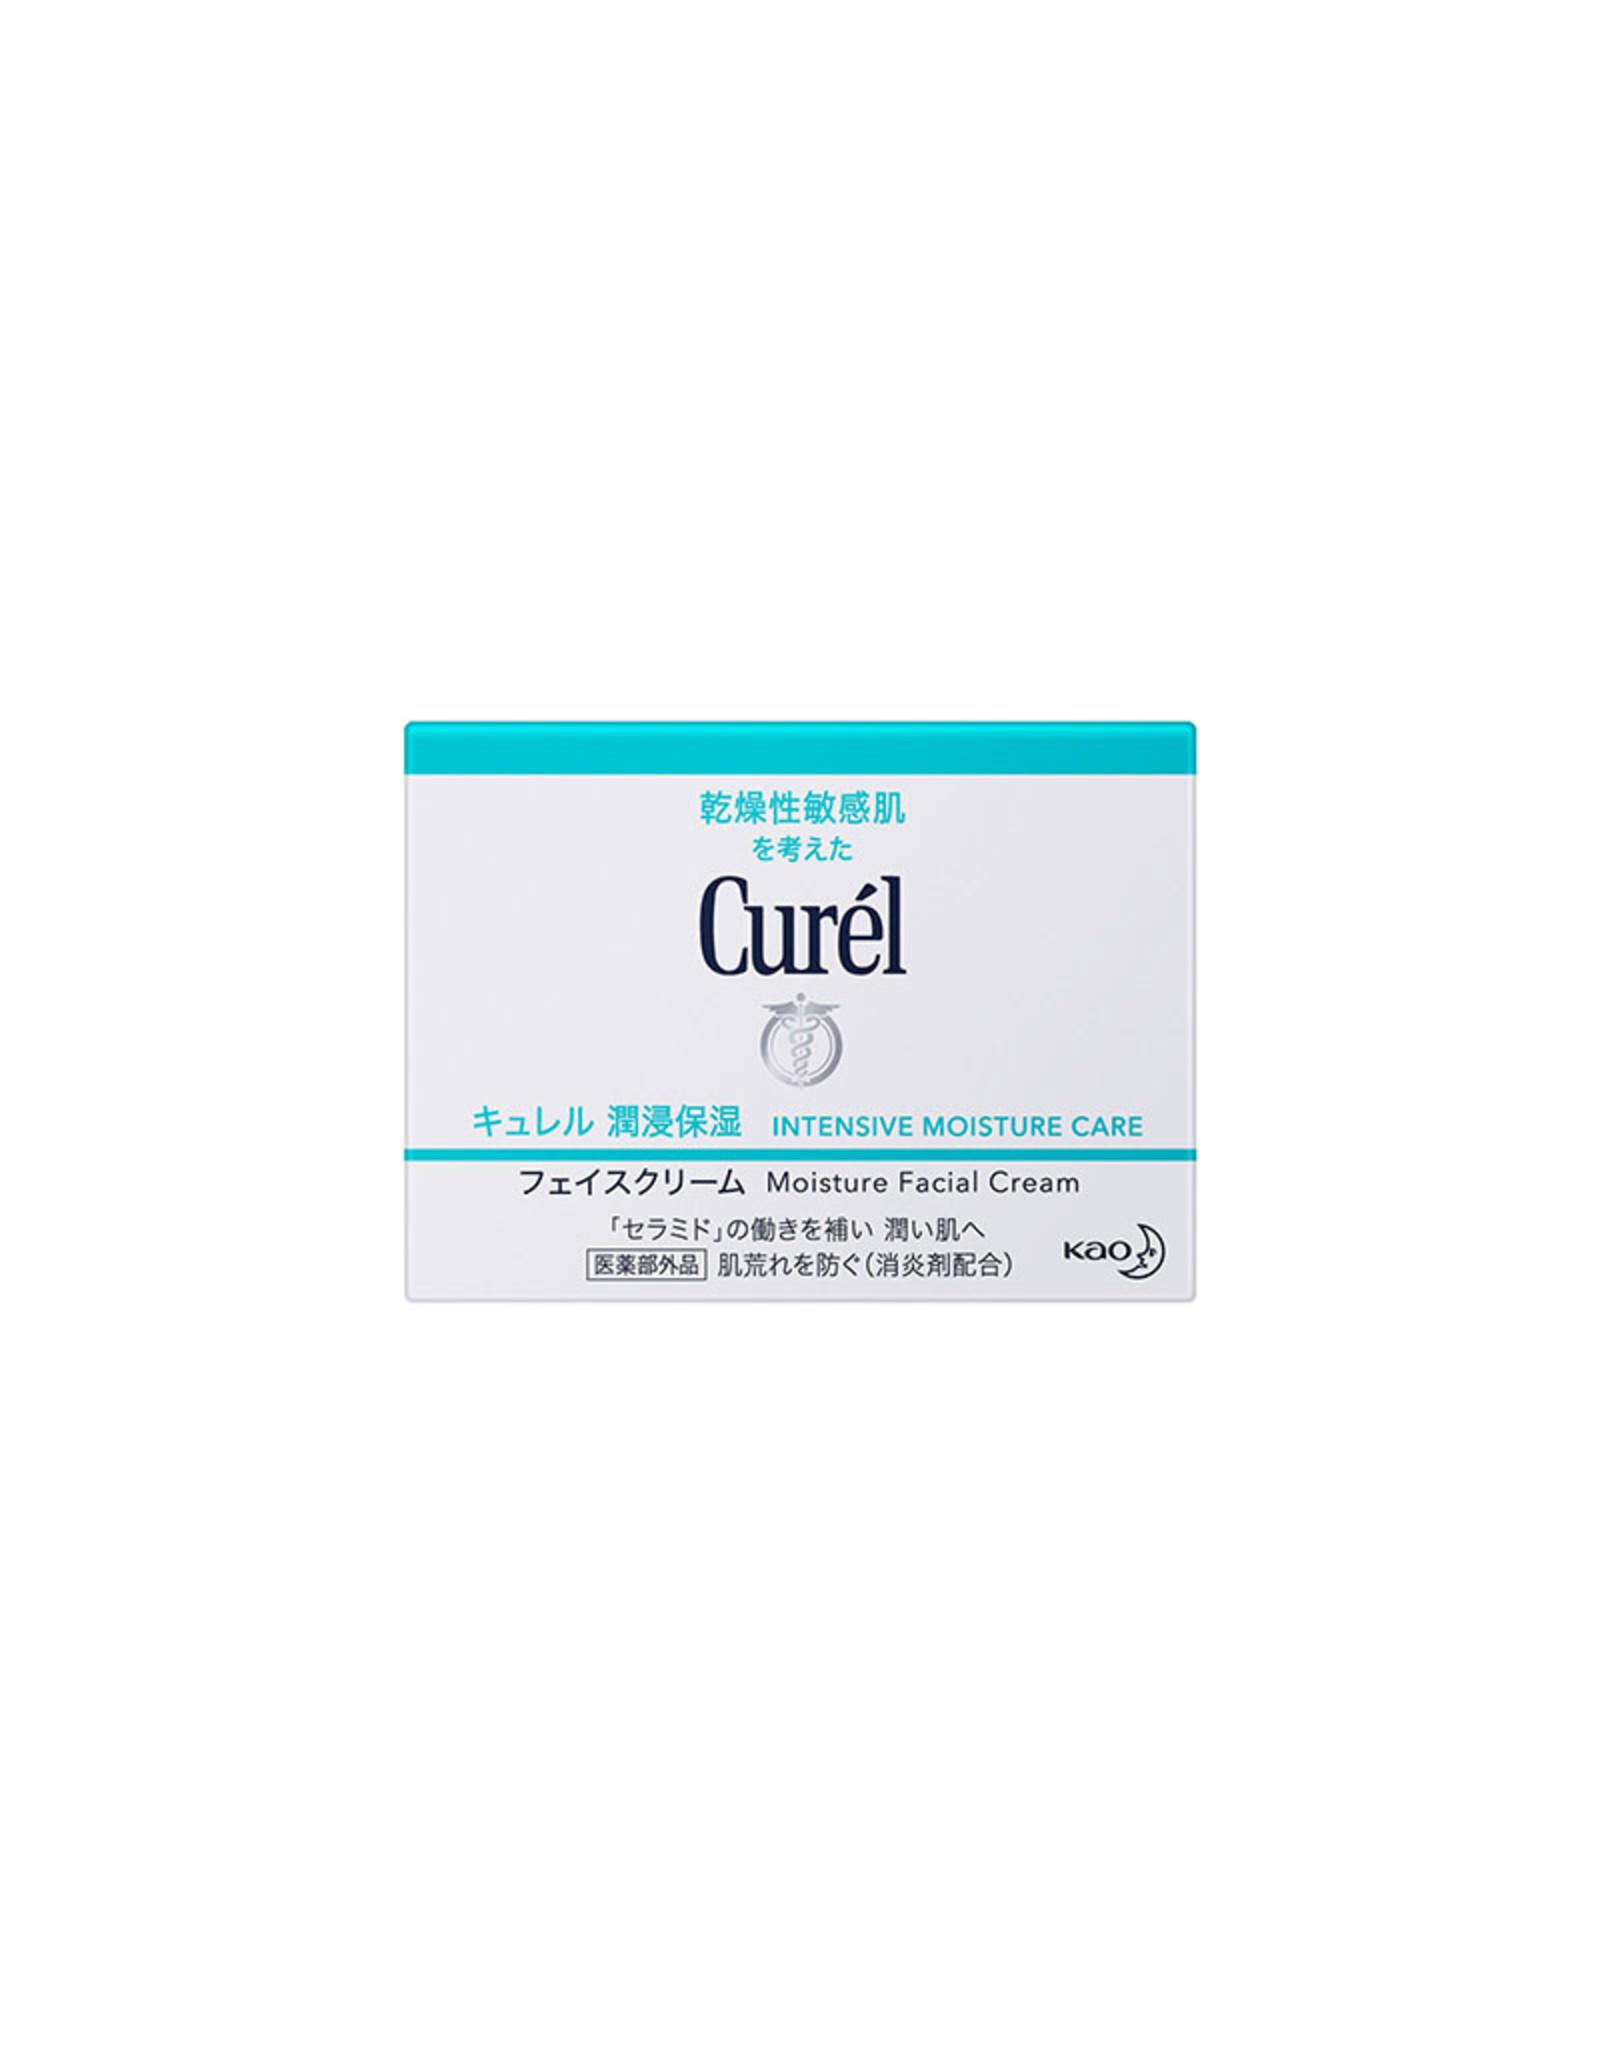 Curel Kao Curél Intensive Moisturizing Face Cream 40g